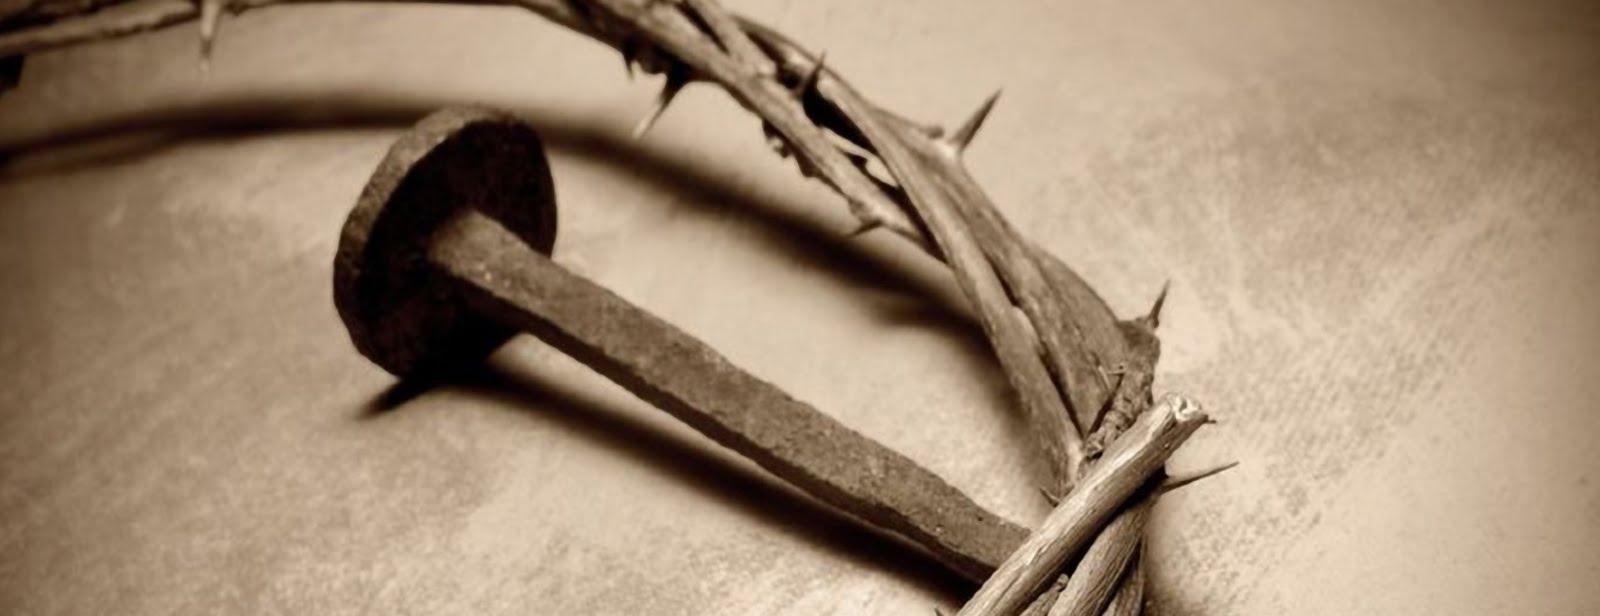 Présentation de la thèse mythiste: Jésus n'a jamais existé